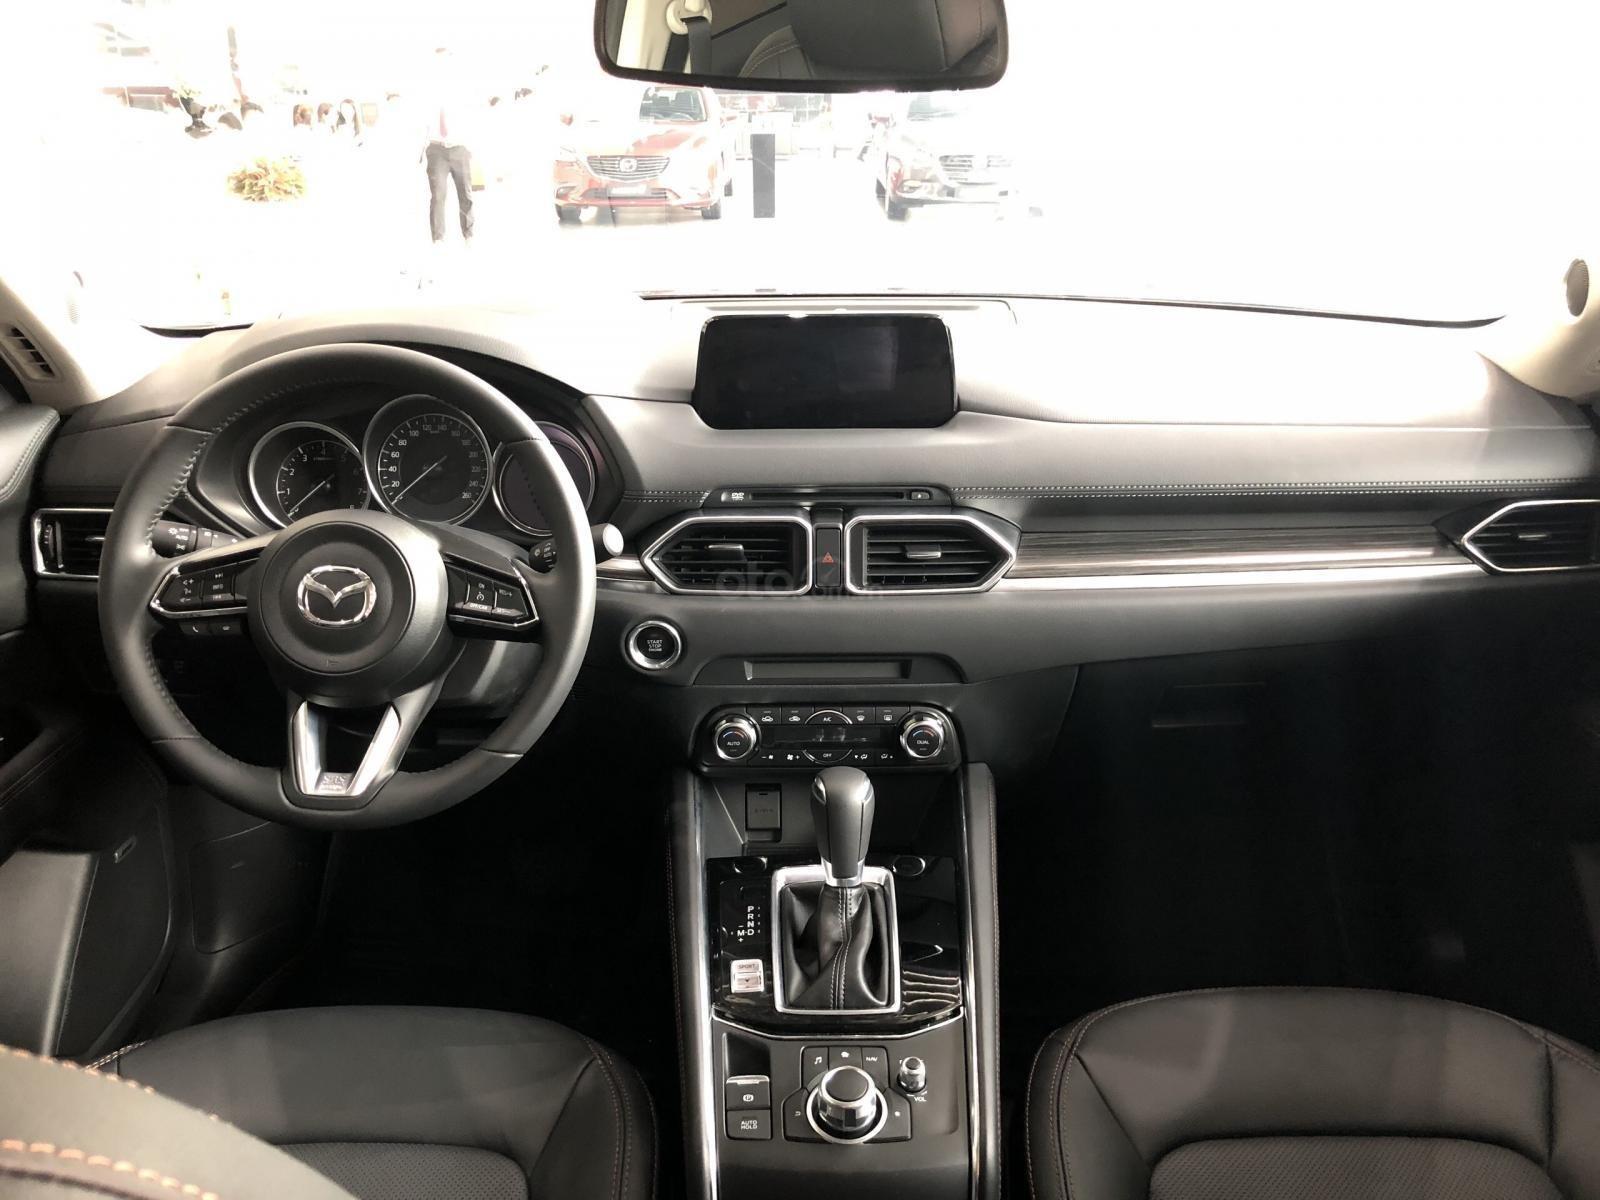 Bán Mazda CX5 giá từ 849tr xe giao trước tết, đủ màu, phiên bản, liên hệ ngay với chúng tôi để nhận được ưu đãi tốt nhất-3